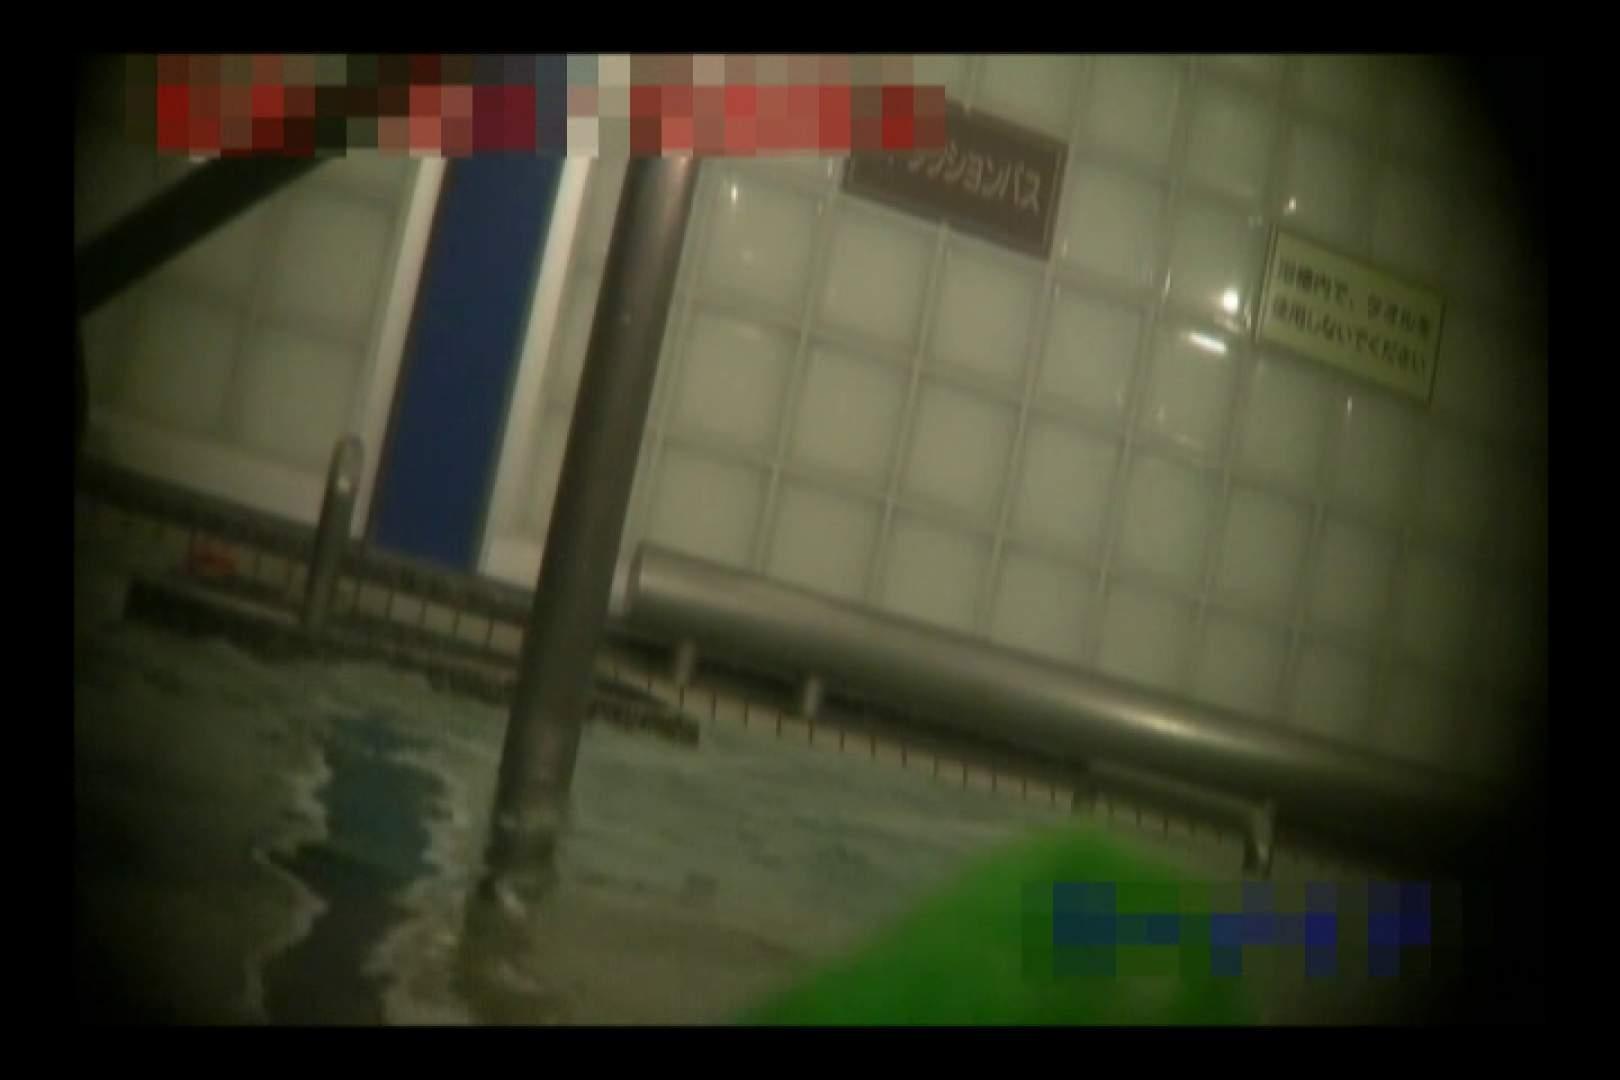 未熟な珊瑚礁 vol.30 名作 オマンコ動画キャプチャ 88pic 26